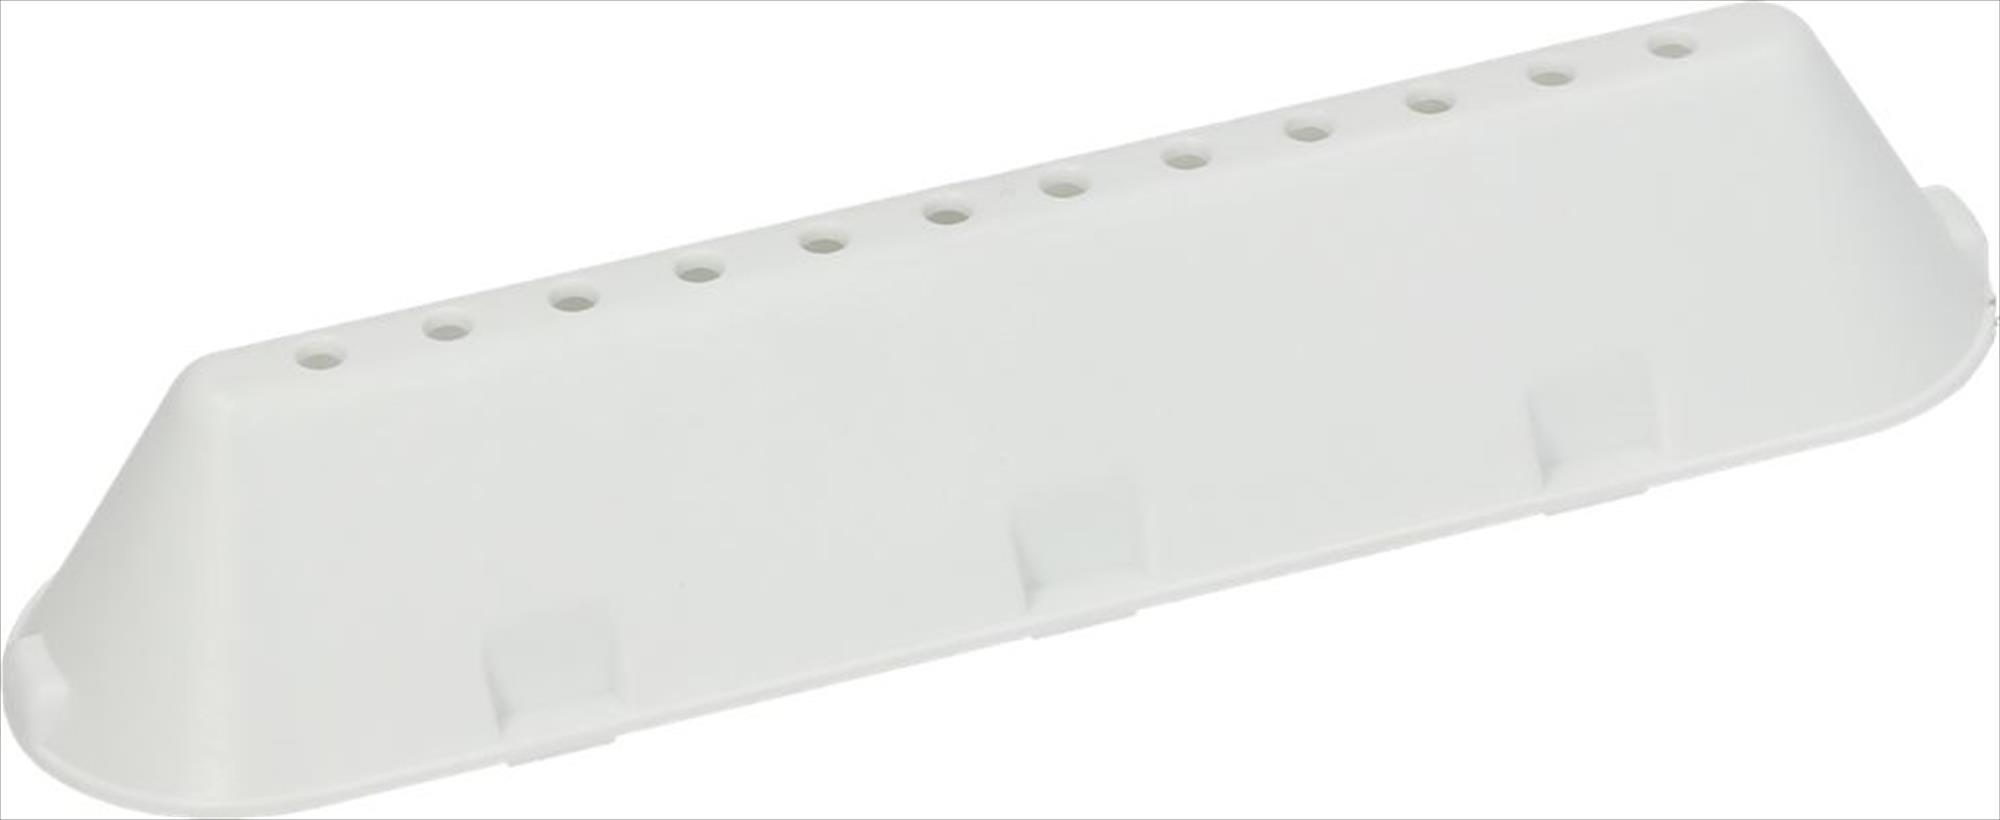 Ravizo trommelrib voor Ariston, Hotpoint, Indesit wasmachine C00268109, 268109